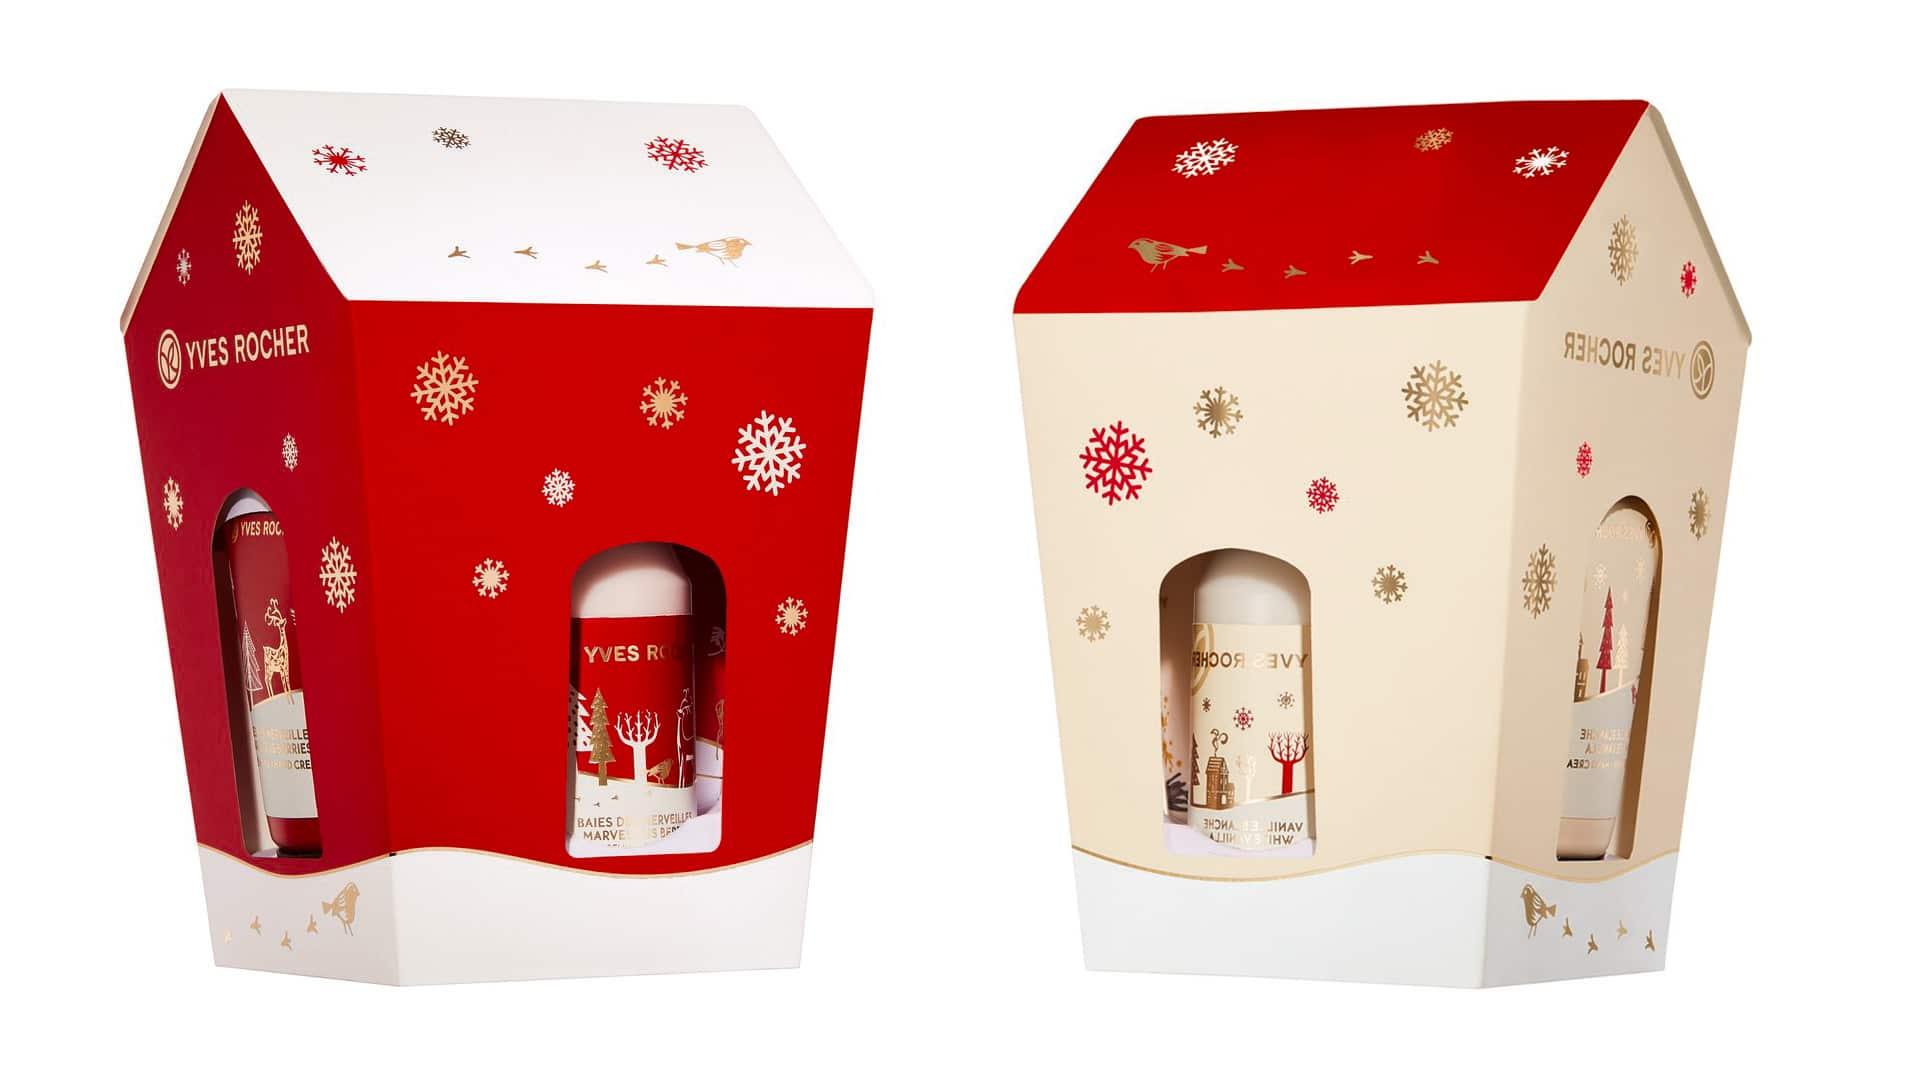 Natale Yves Rocher 2017, le casette bacche delle meraviglie e vaniglia bianca - Info, foto, prezzi